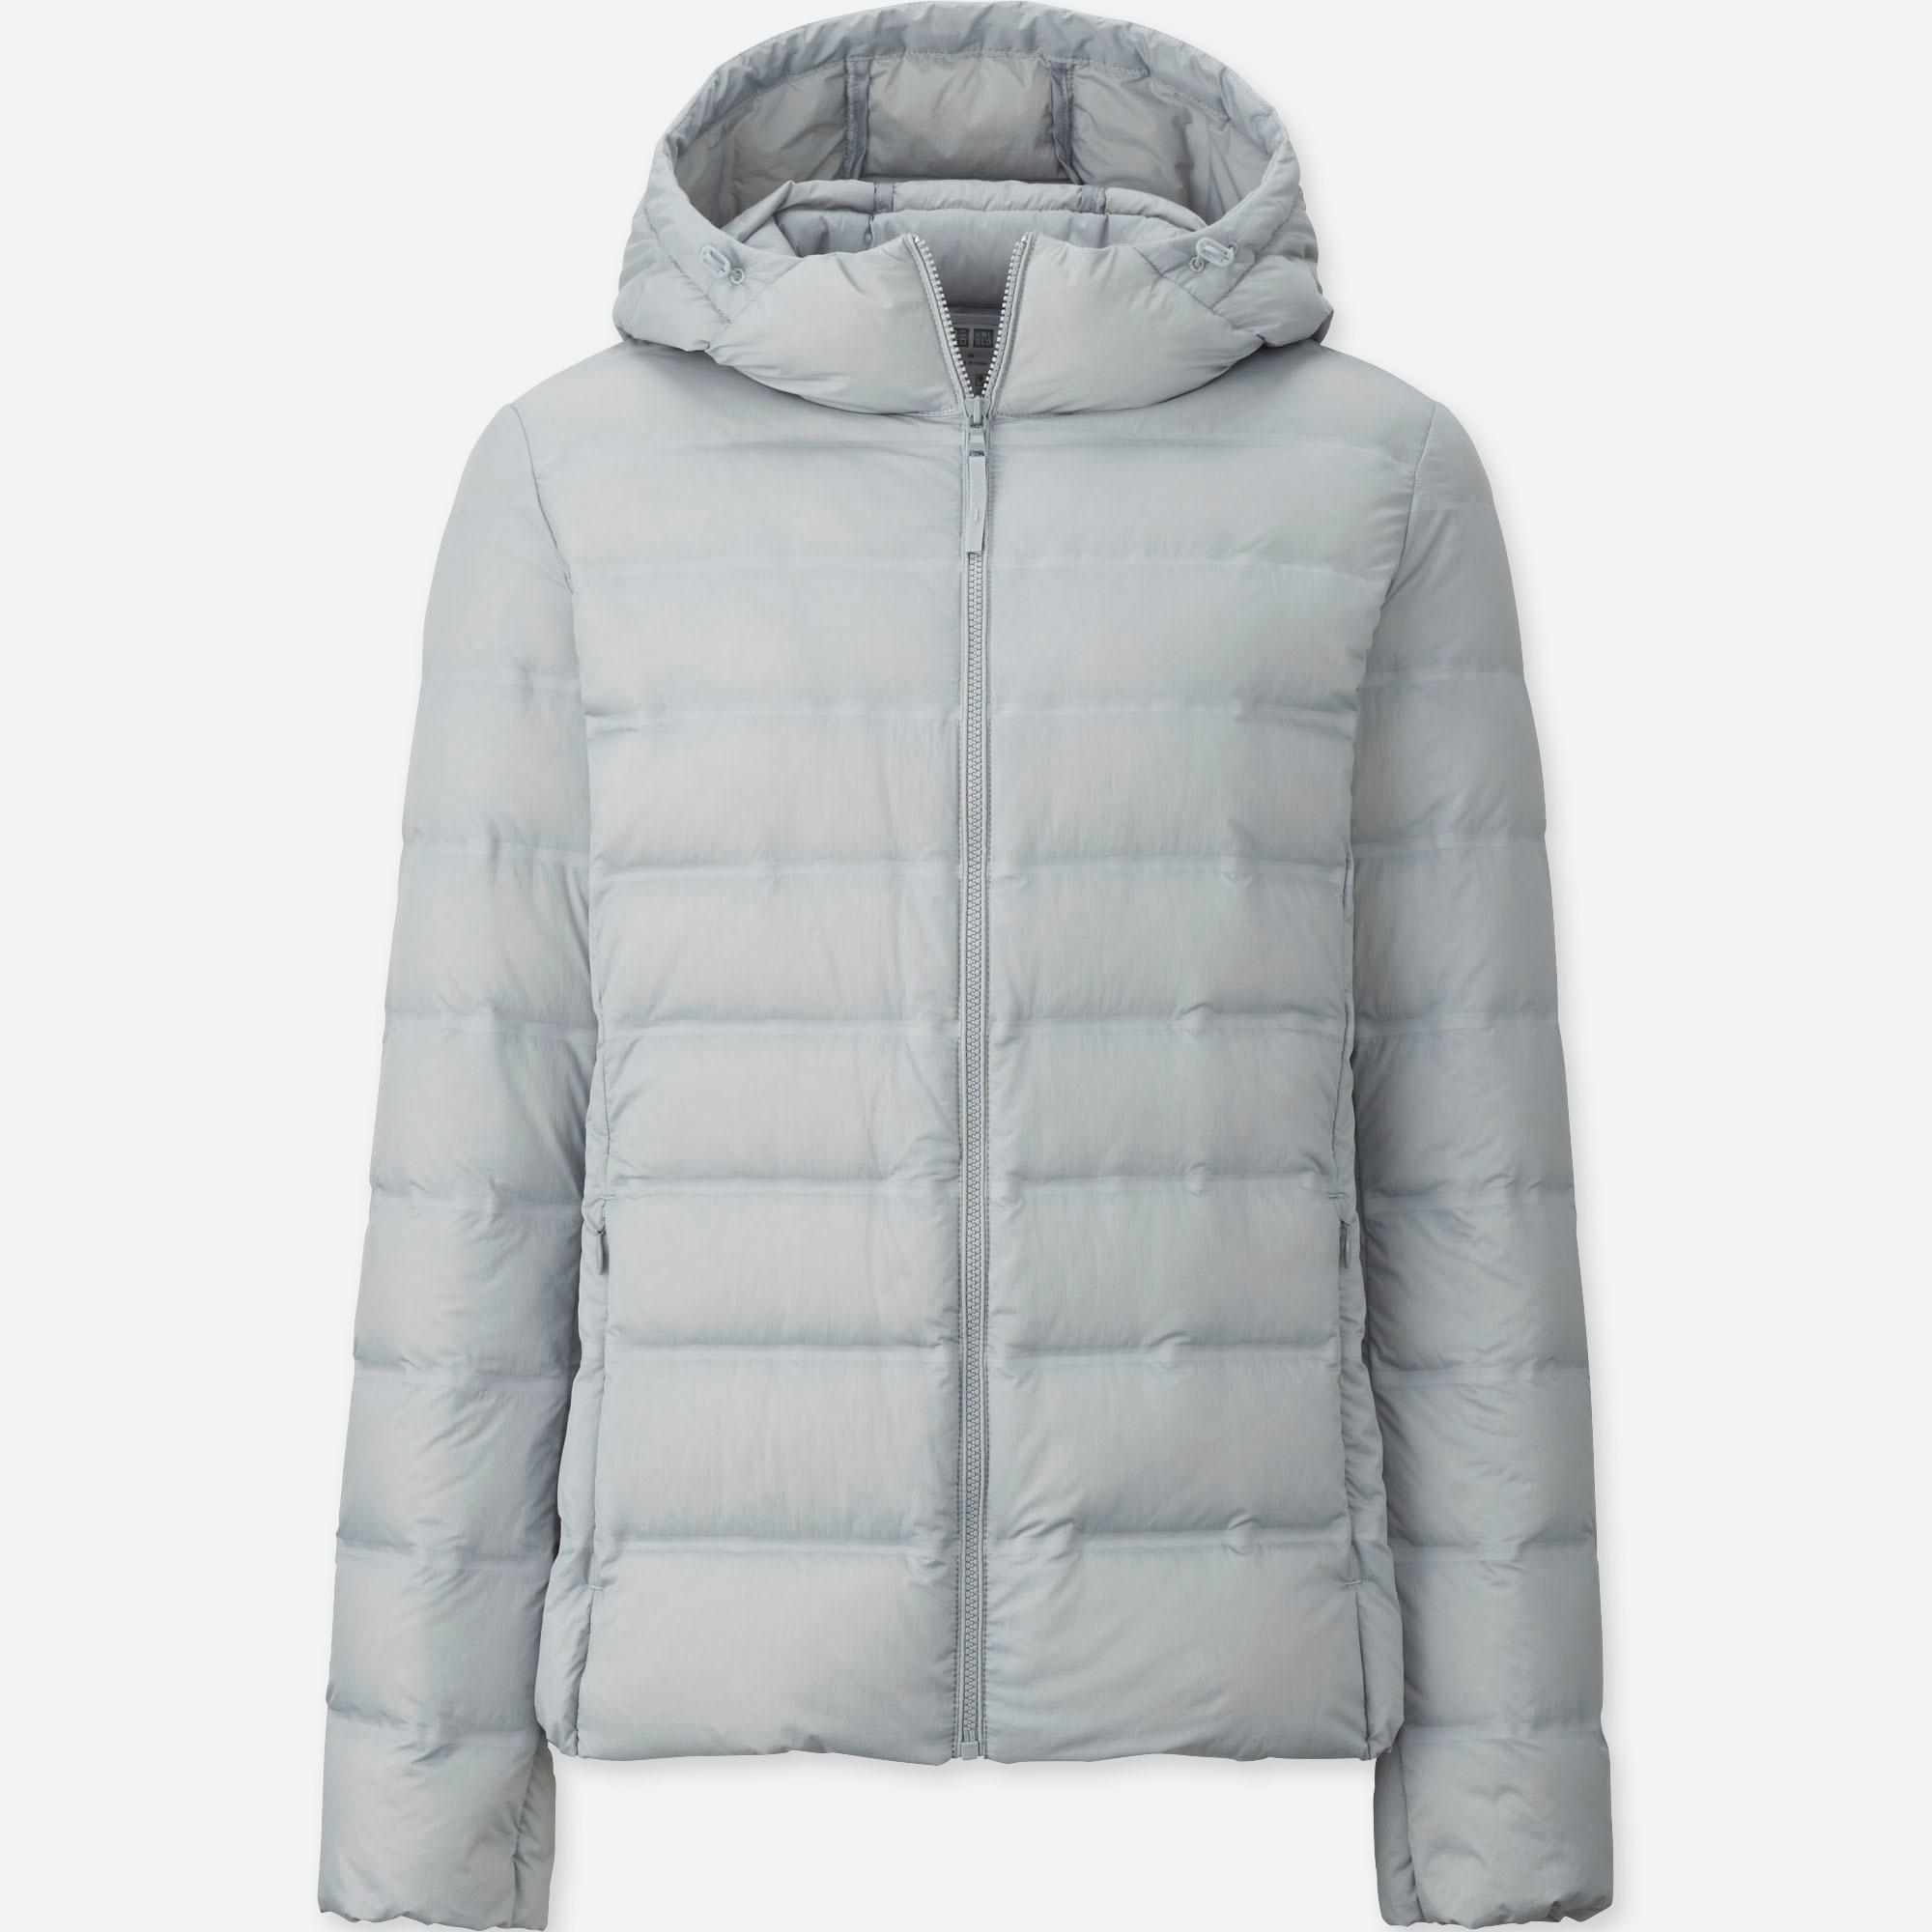 femme grises vestes s vestes deha deha s grises c0dc1c5b92a7